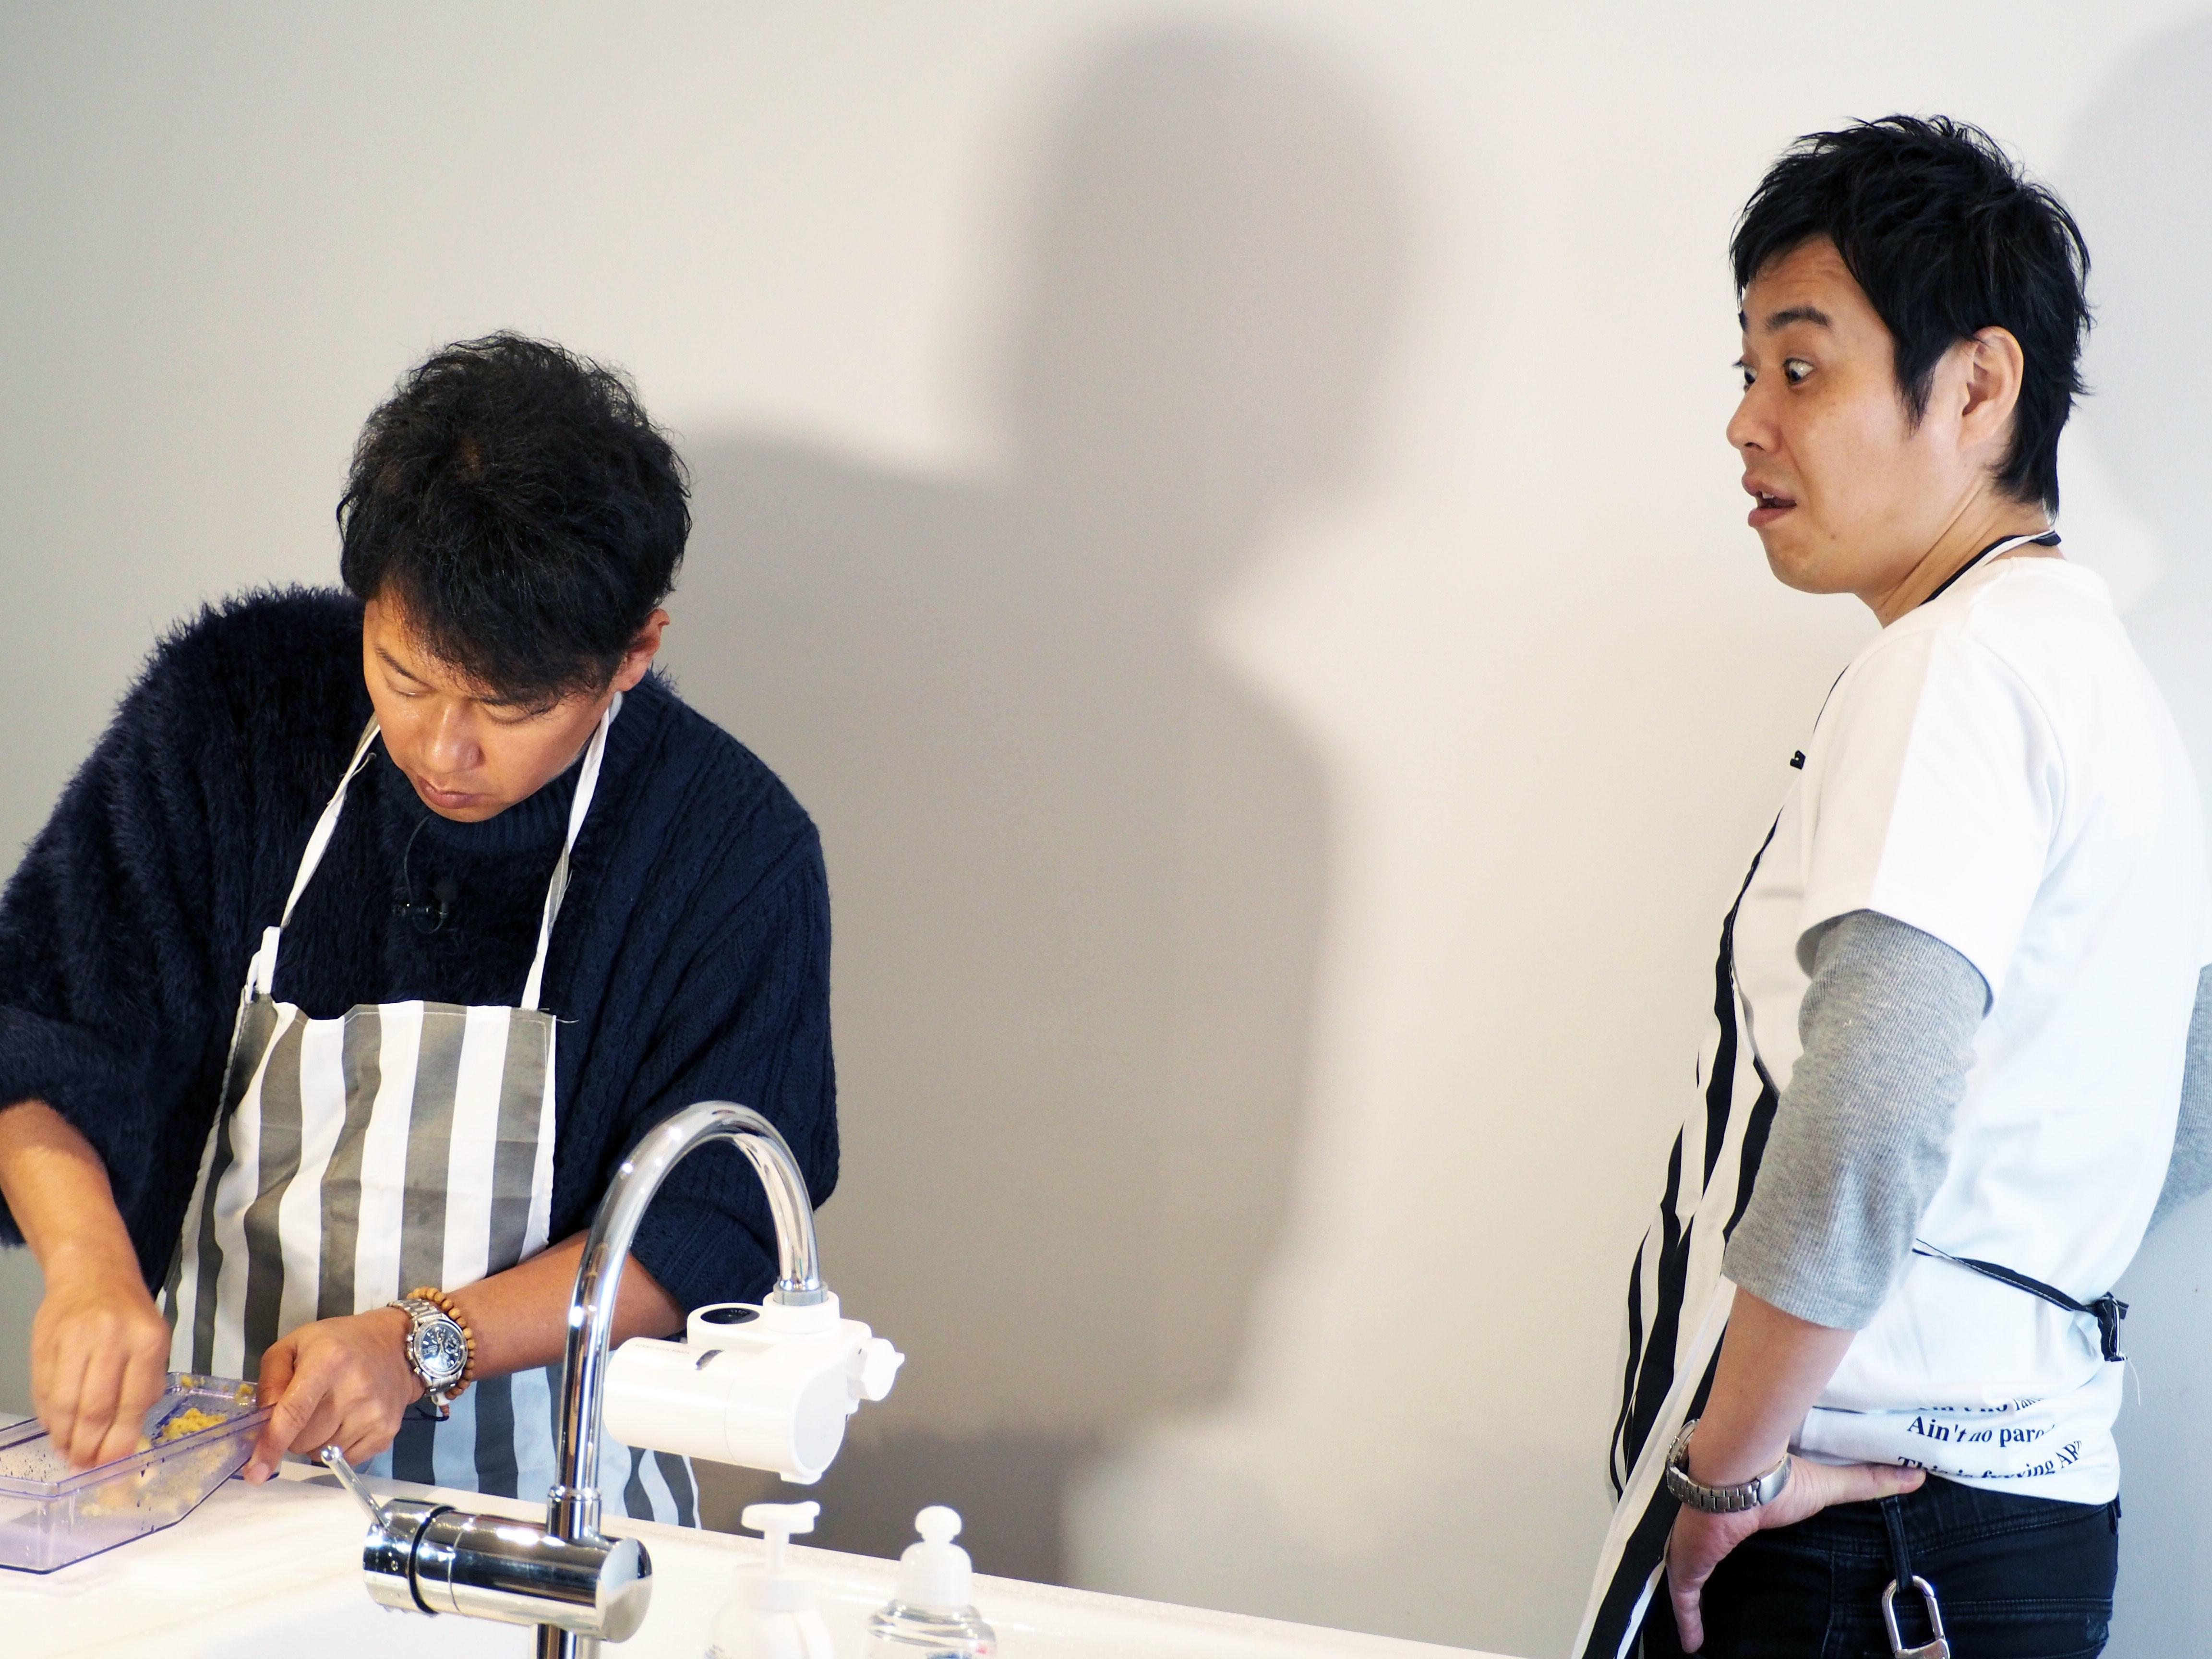 http://news.yoshimoto.co.jp/20180308010252-3e061ea7ce68a93c9bd21e75d741d027eba3f7cf.jpg